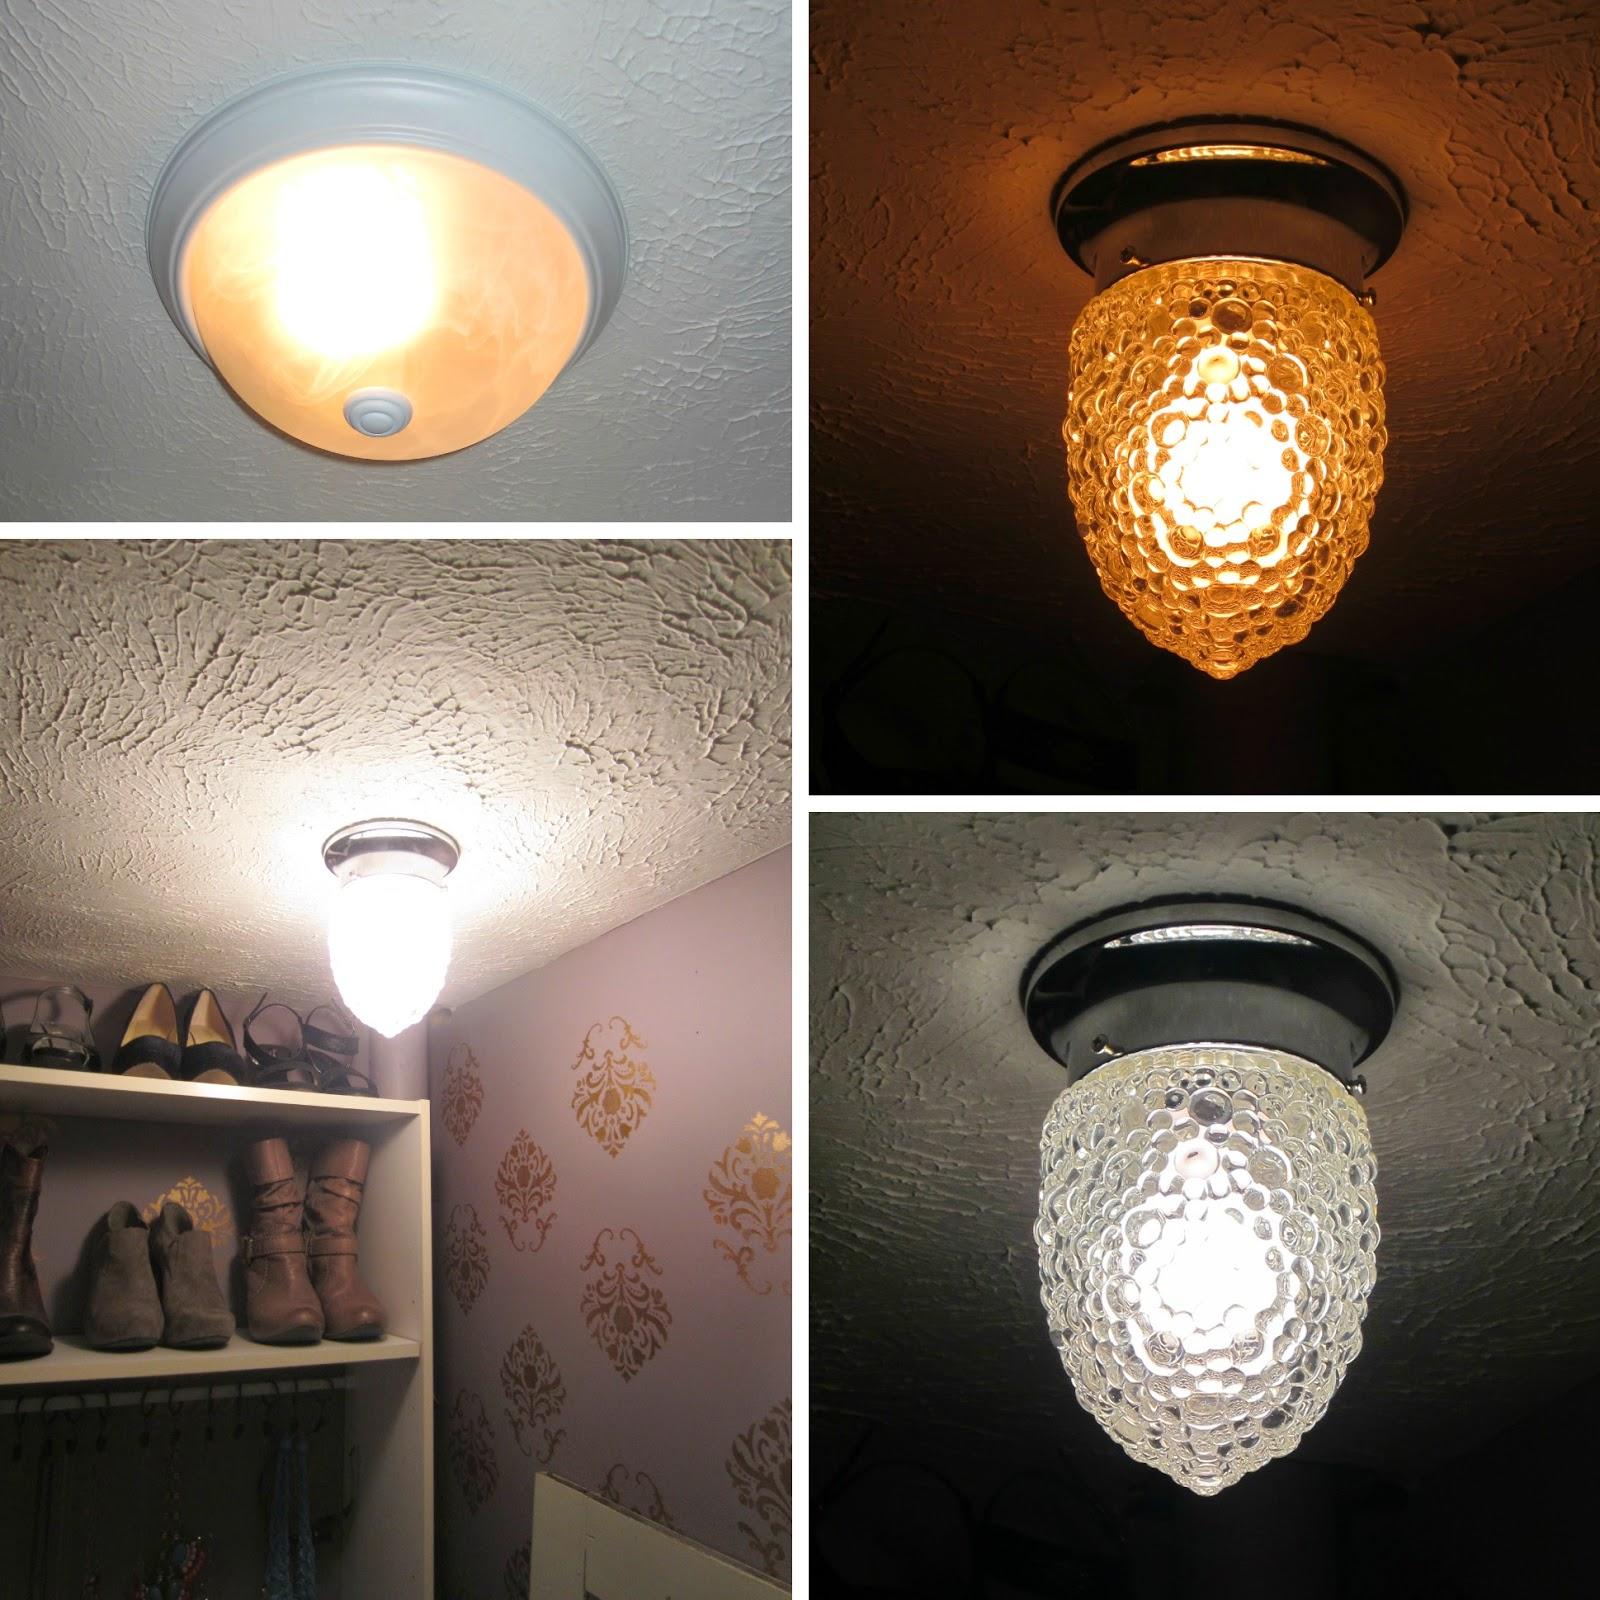 Closet Light Fixture: Have Mercy: Closet Make-Over: Tah-Dah